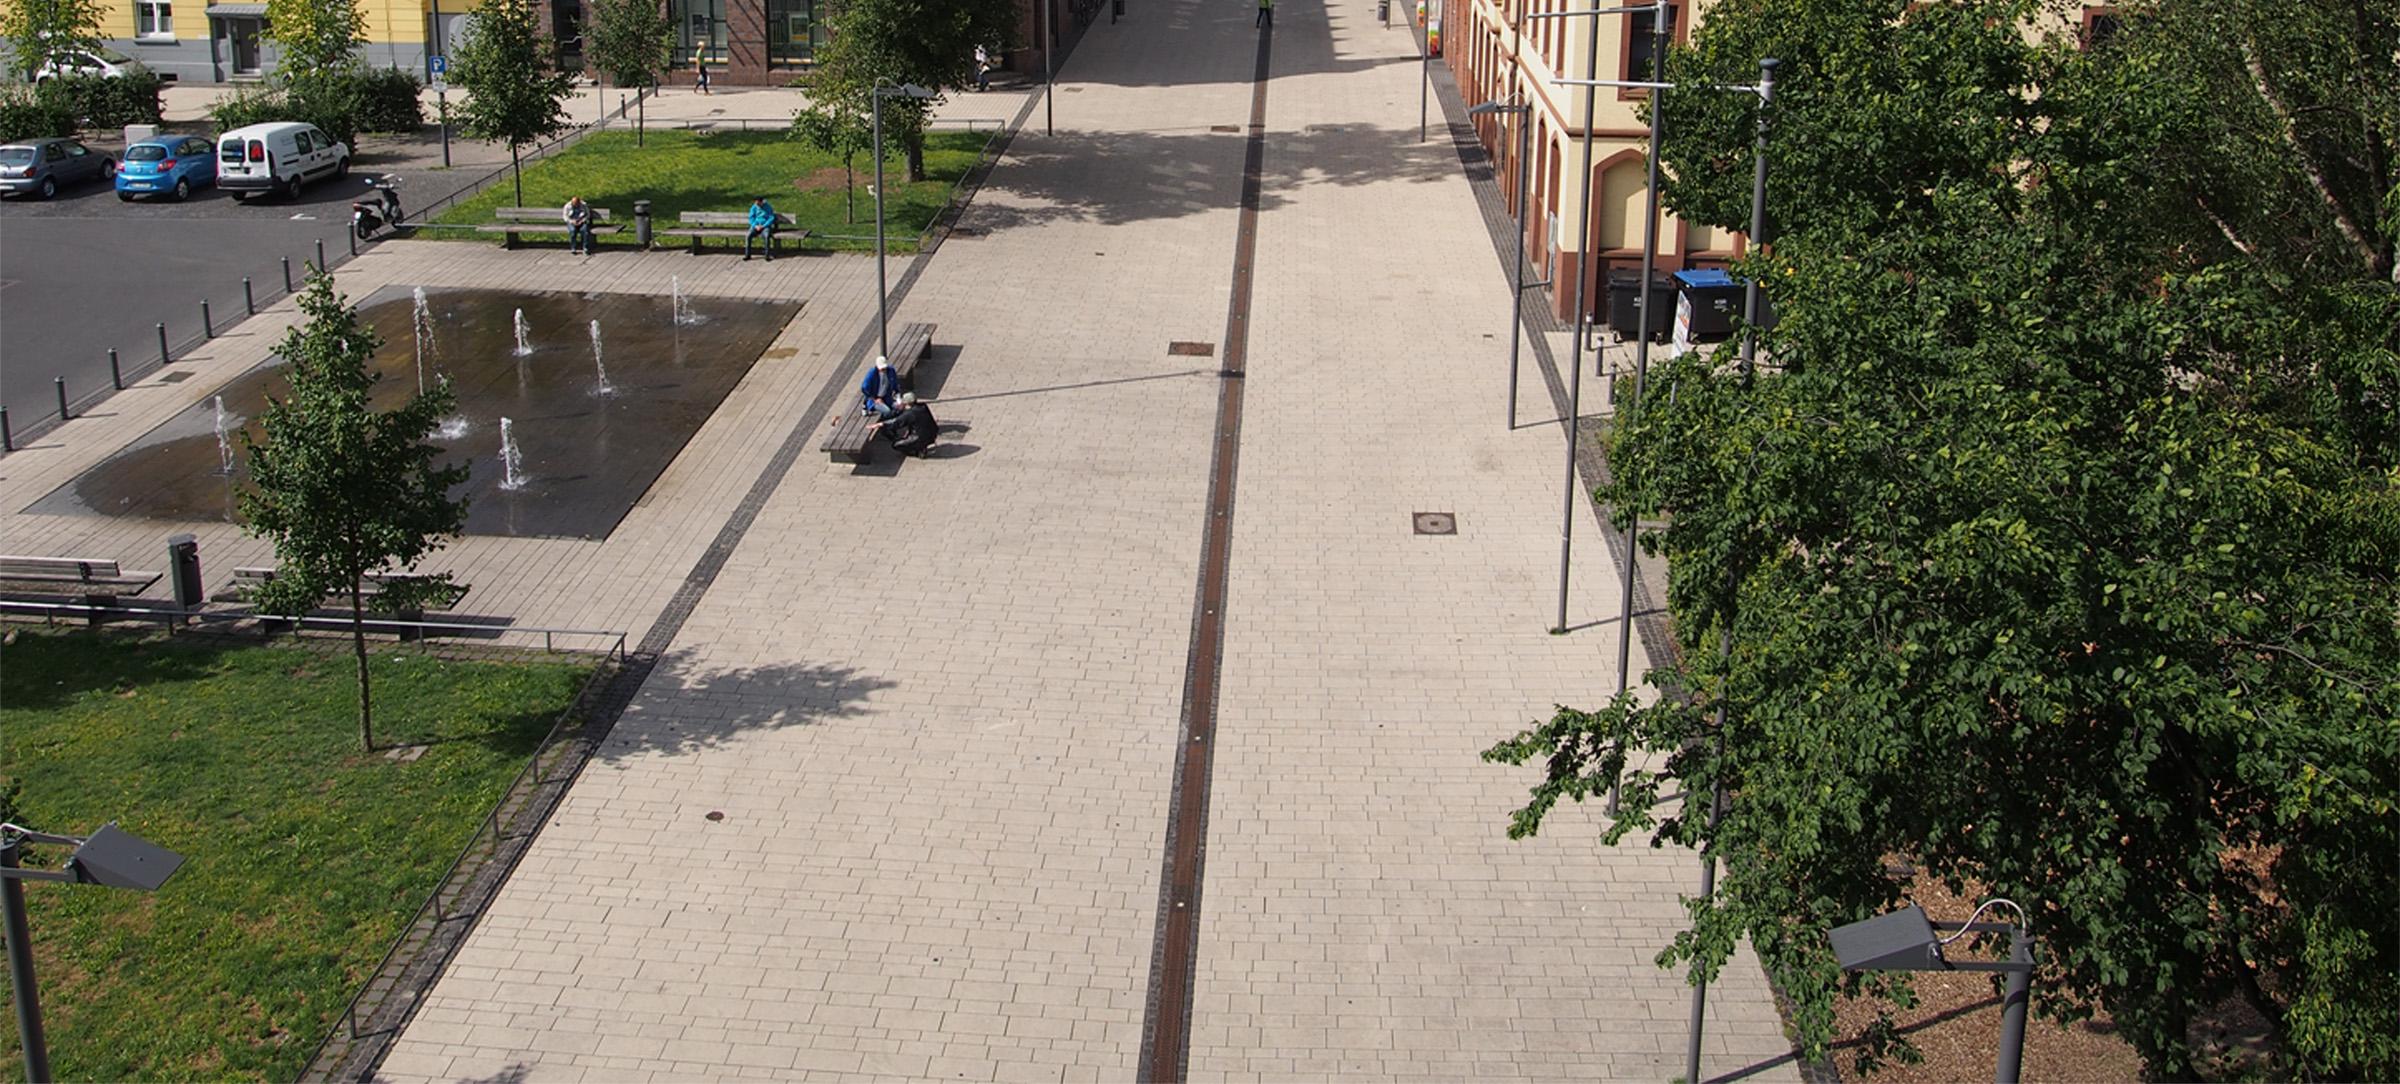 Permalink auf:Recklinghausen-Süd | Neumarkt